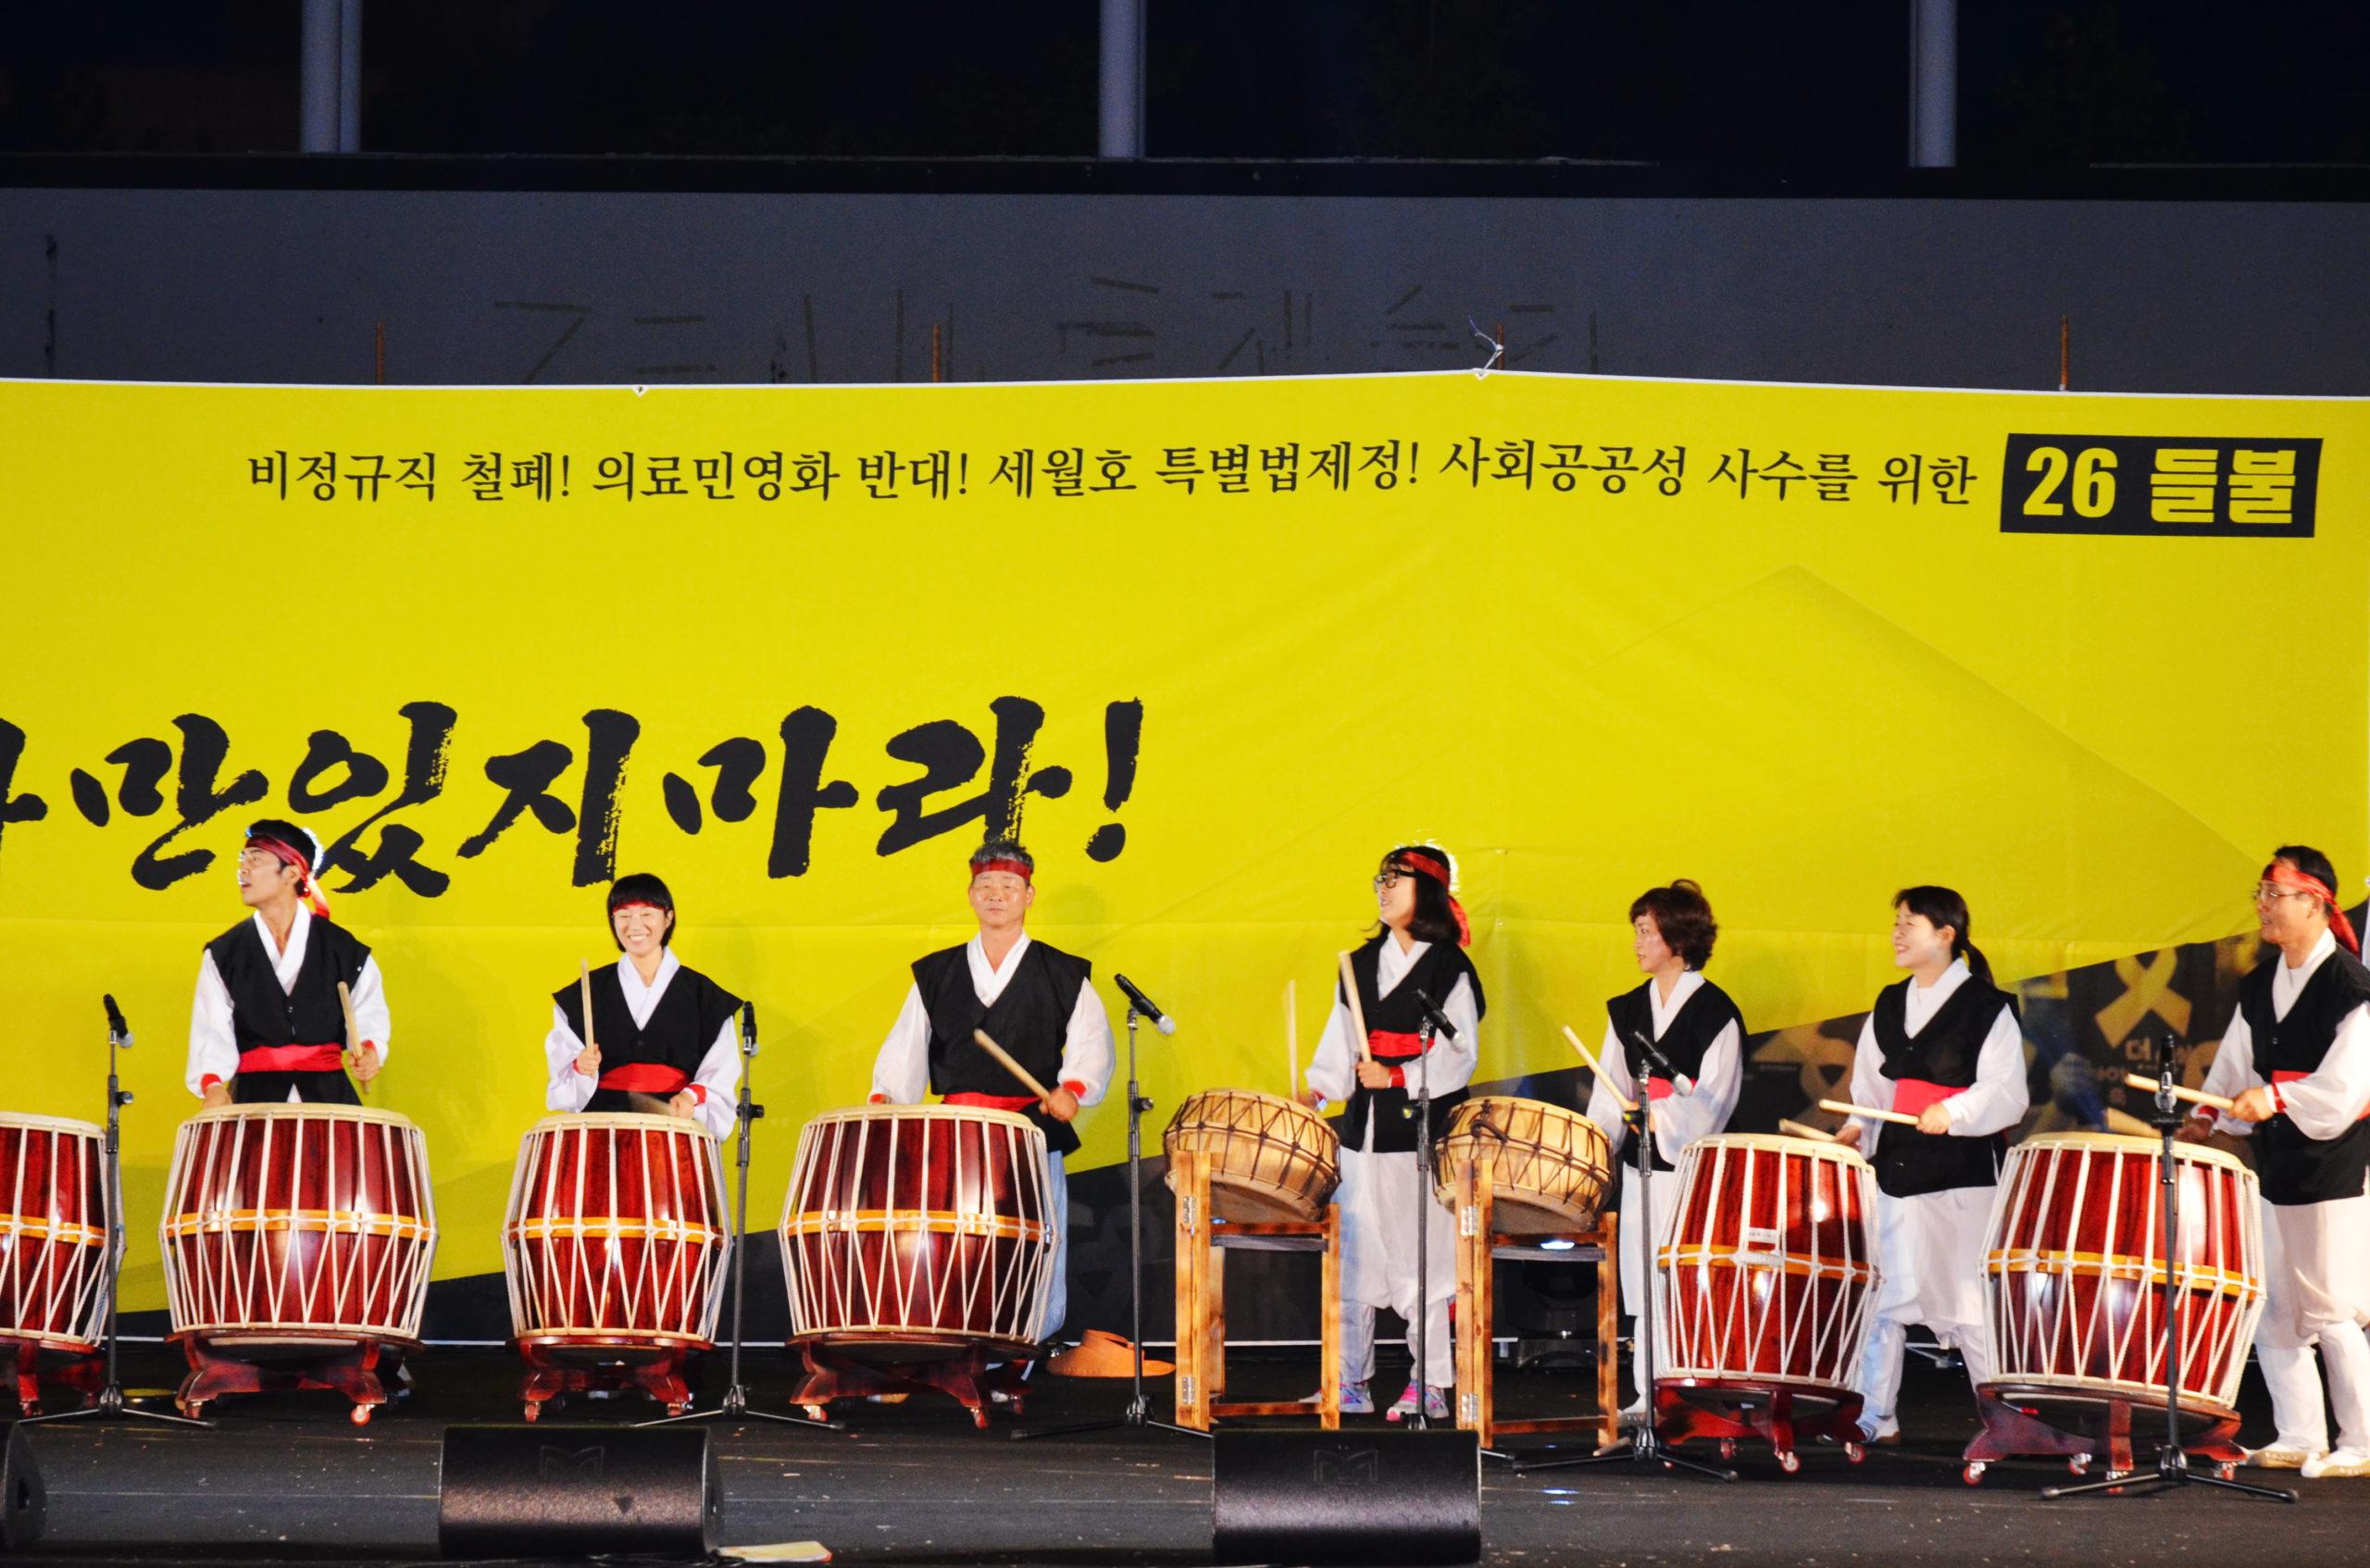 University Festivals in Korea